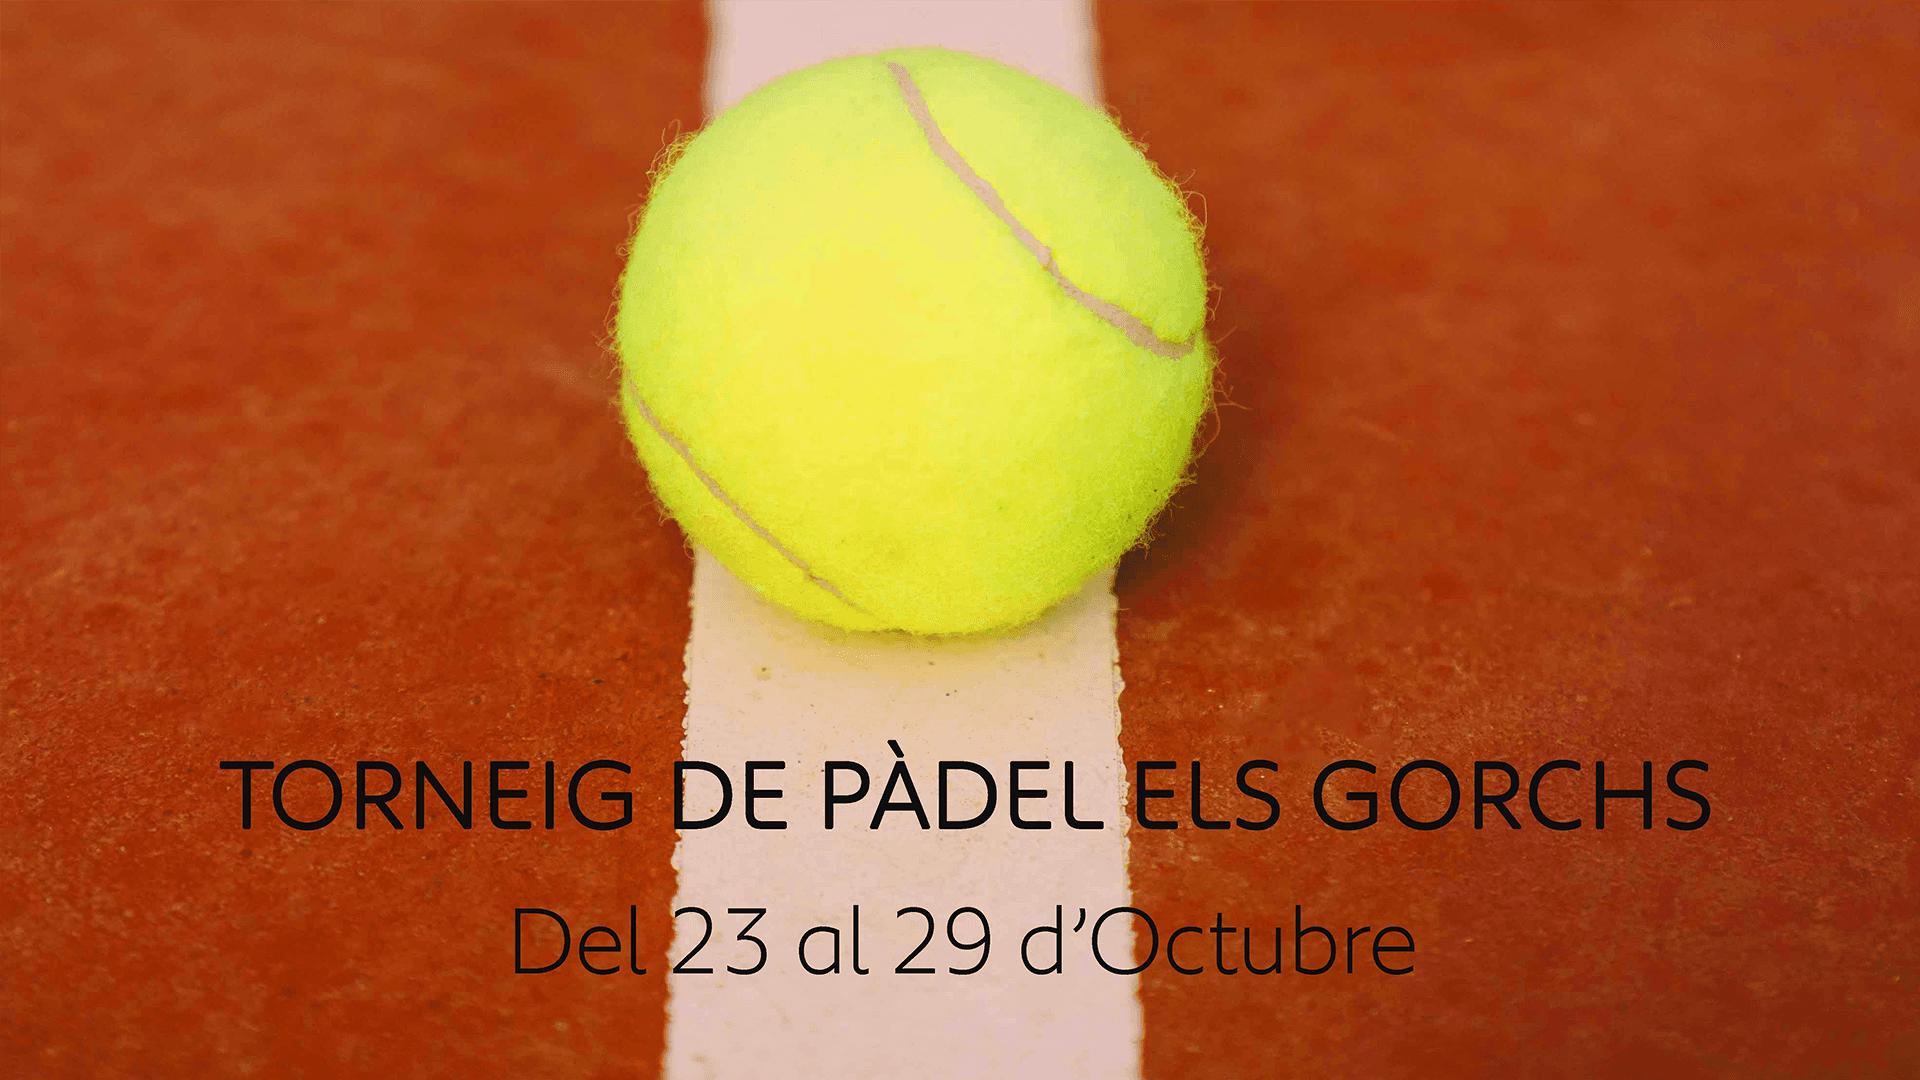 Apostem per l'esport al Torneig de Pàdel Els Gorchs